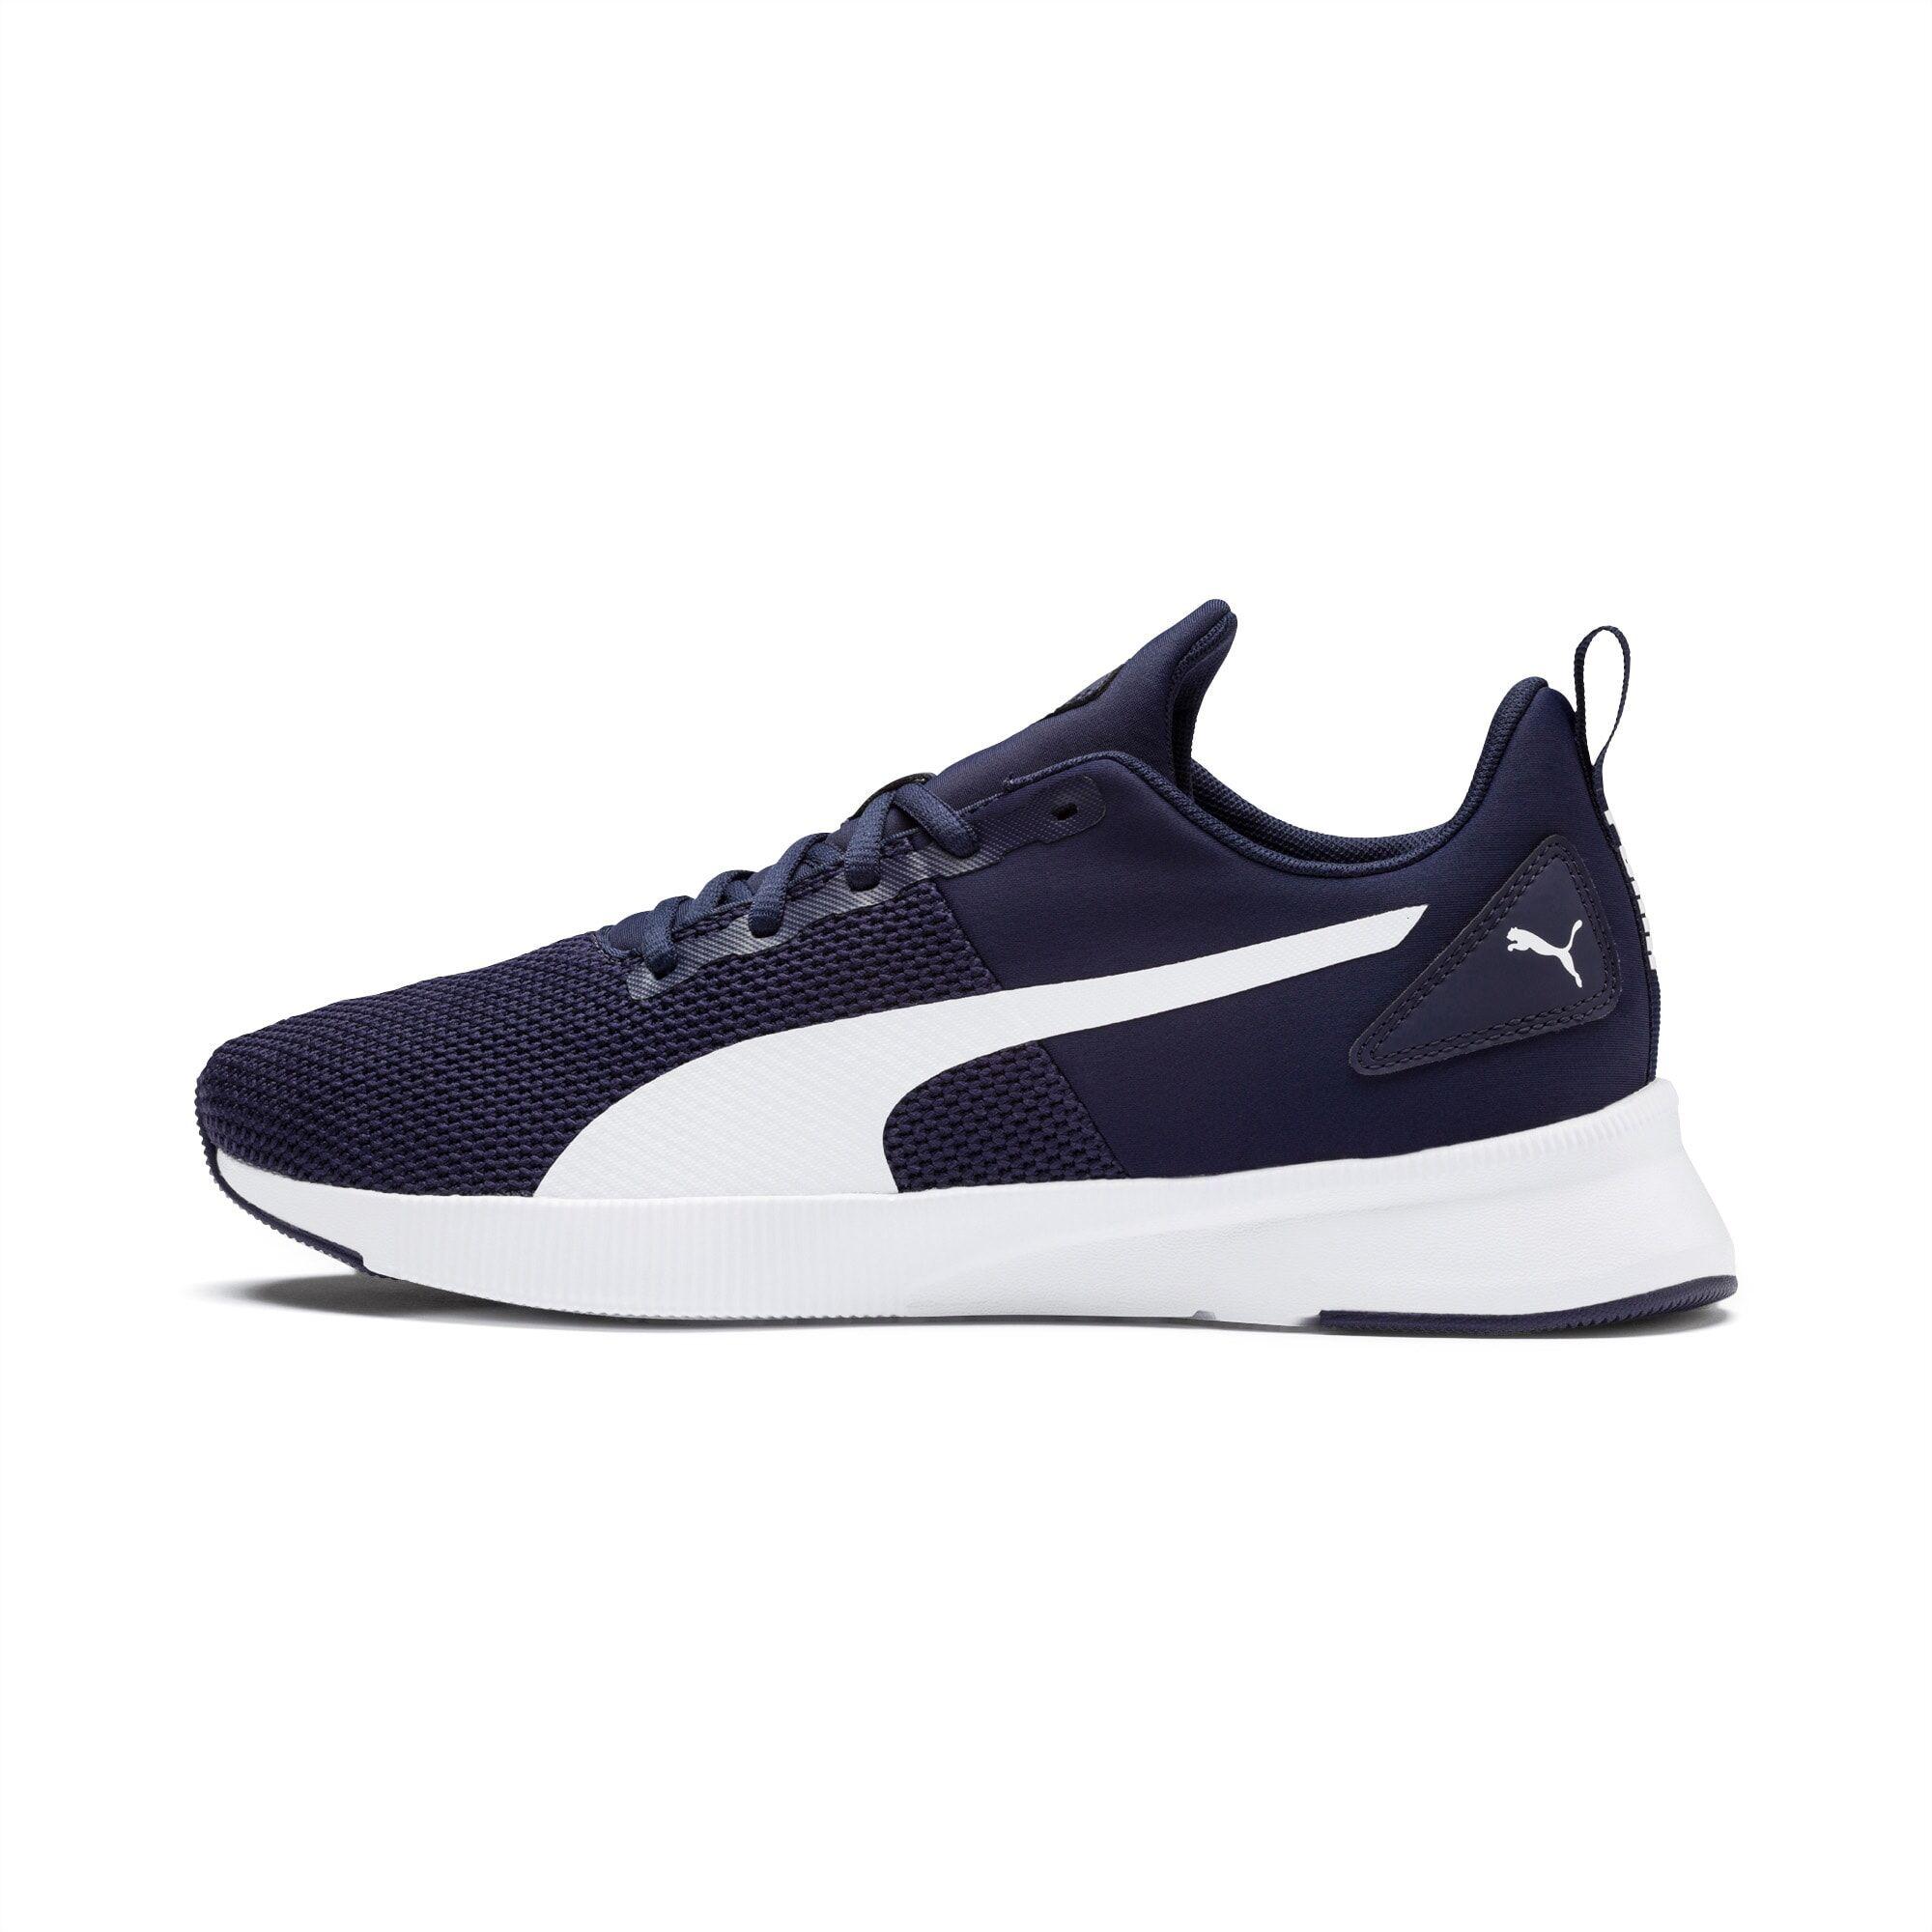 PUMA Chaussure de course Flyer Runner, Bleu/Blanc, Taille 37.5, Chaussures